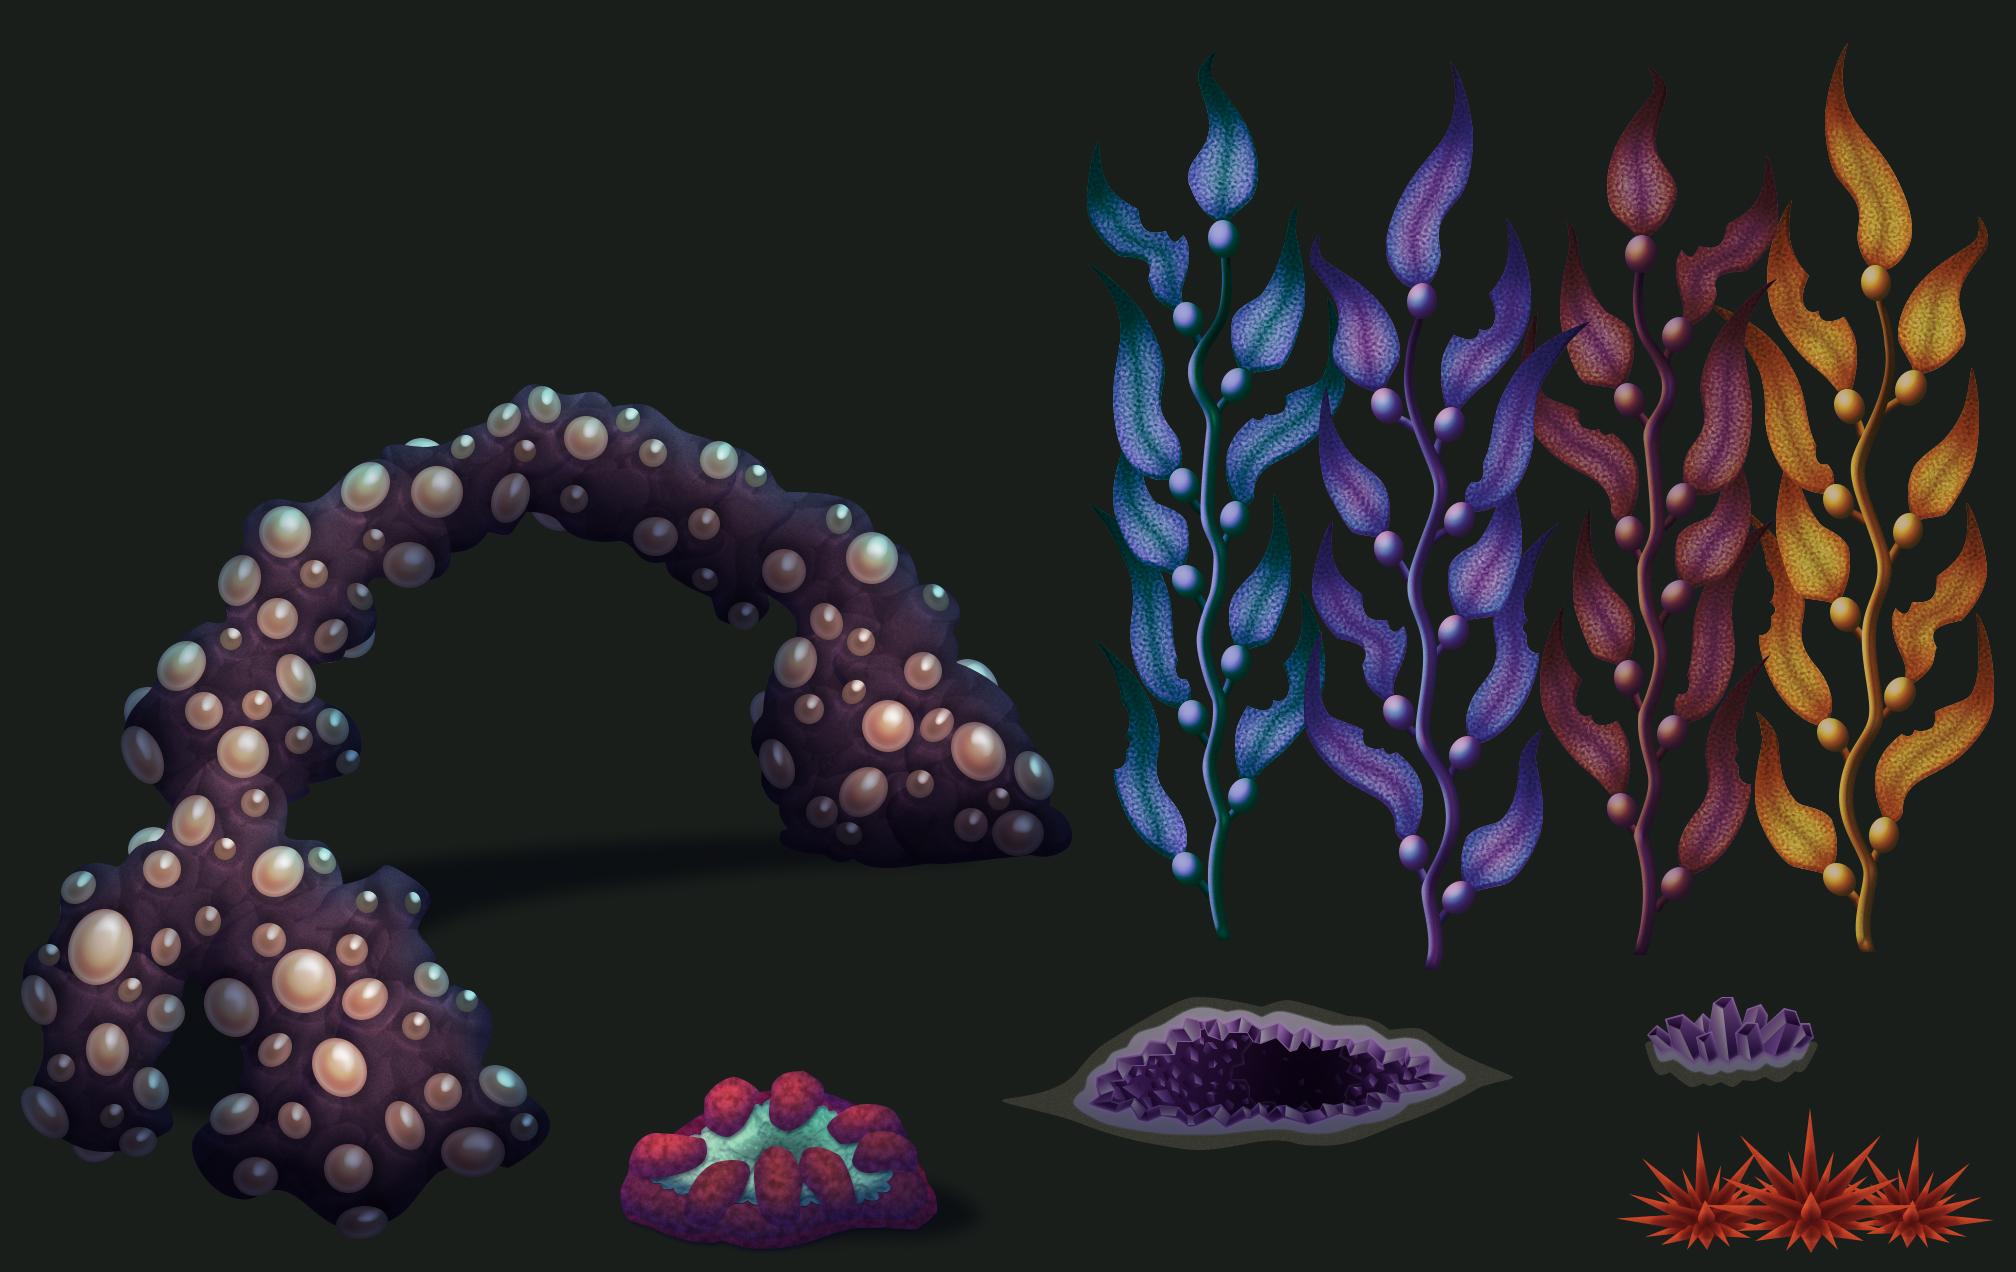 Spryke Underwater Assets